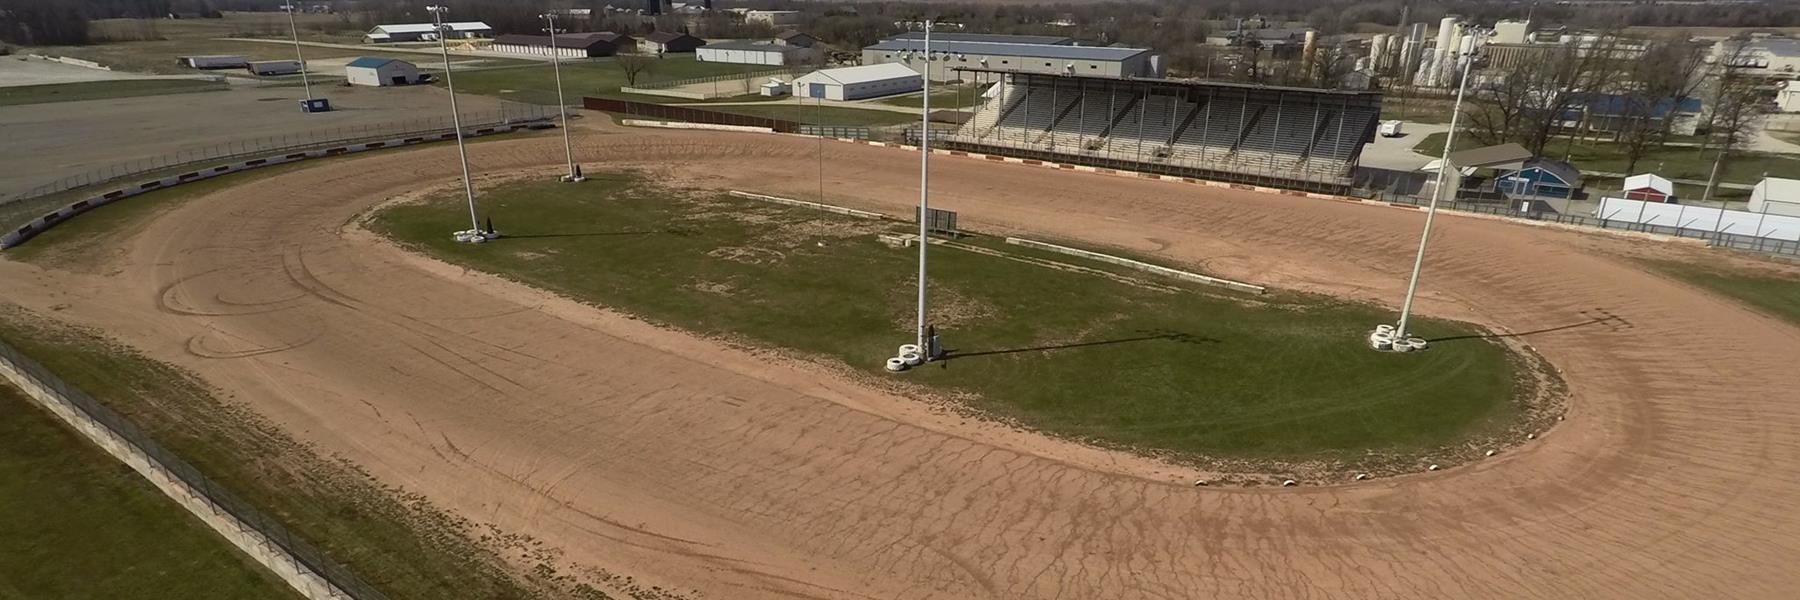 The 'Burg Speedway